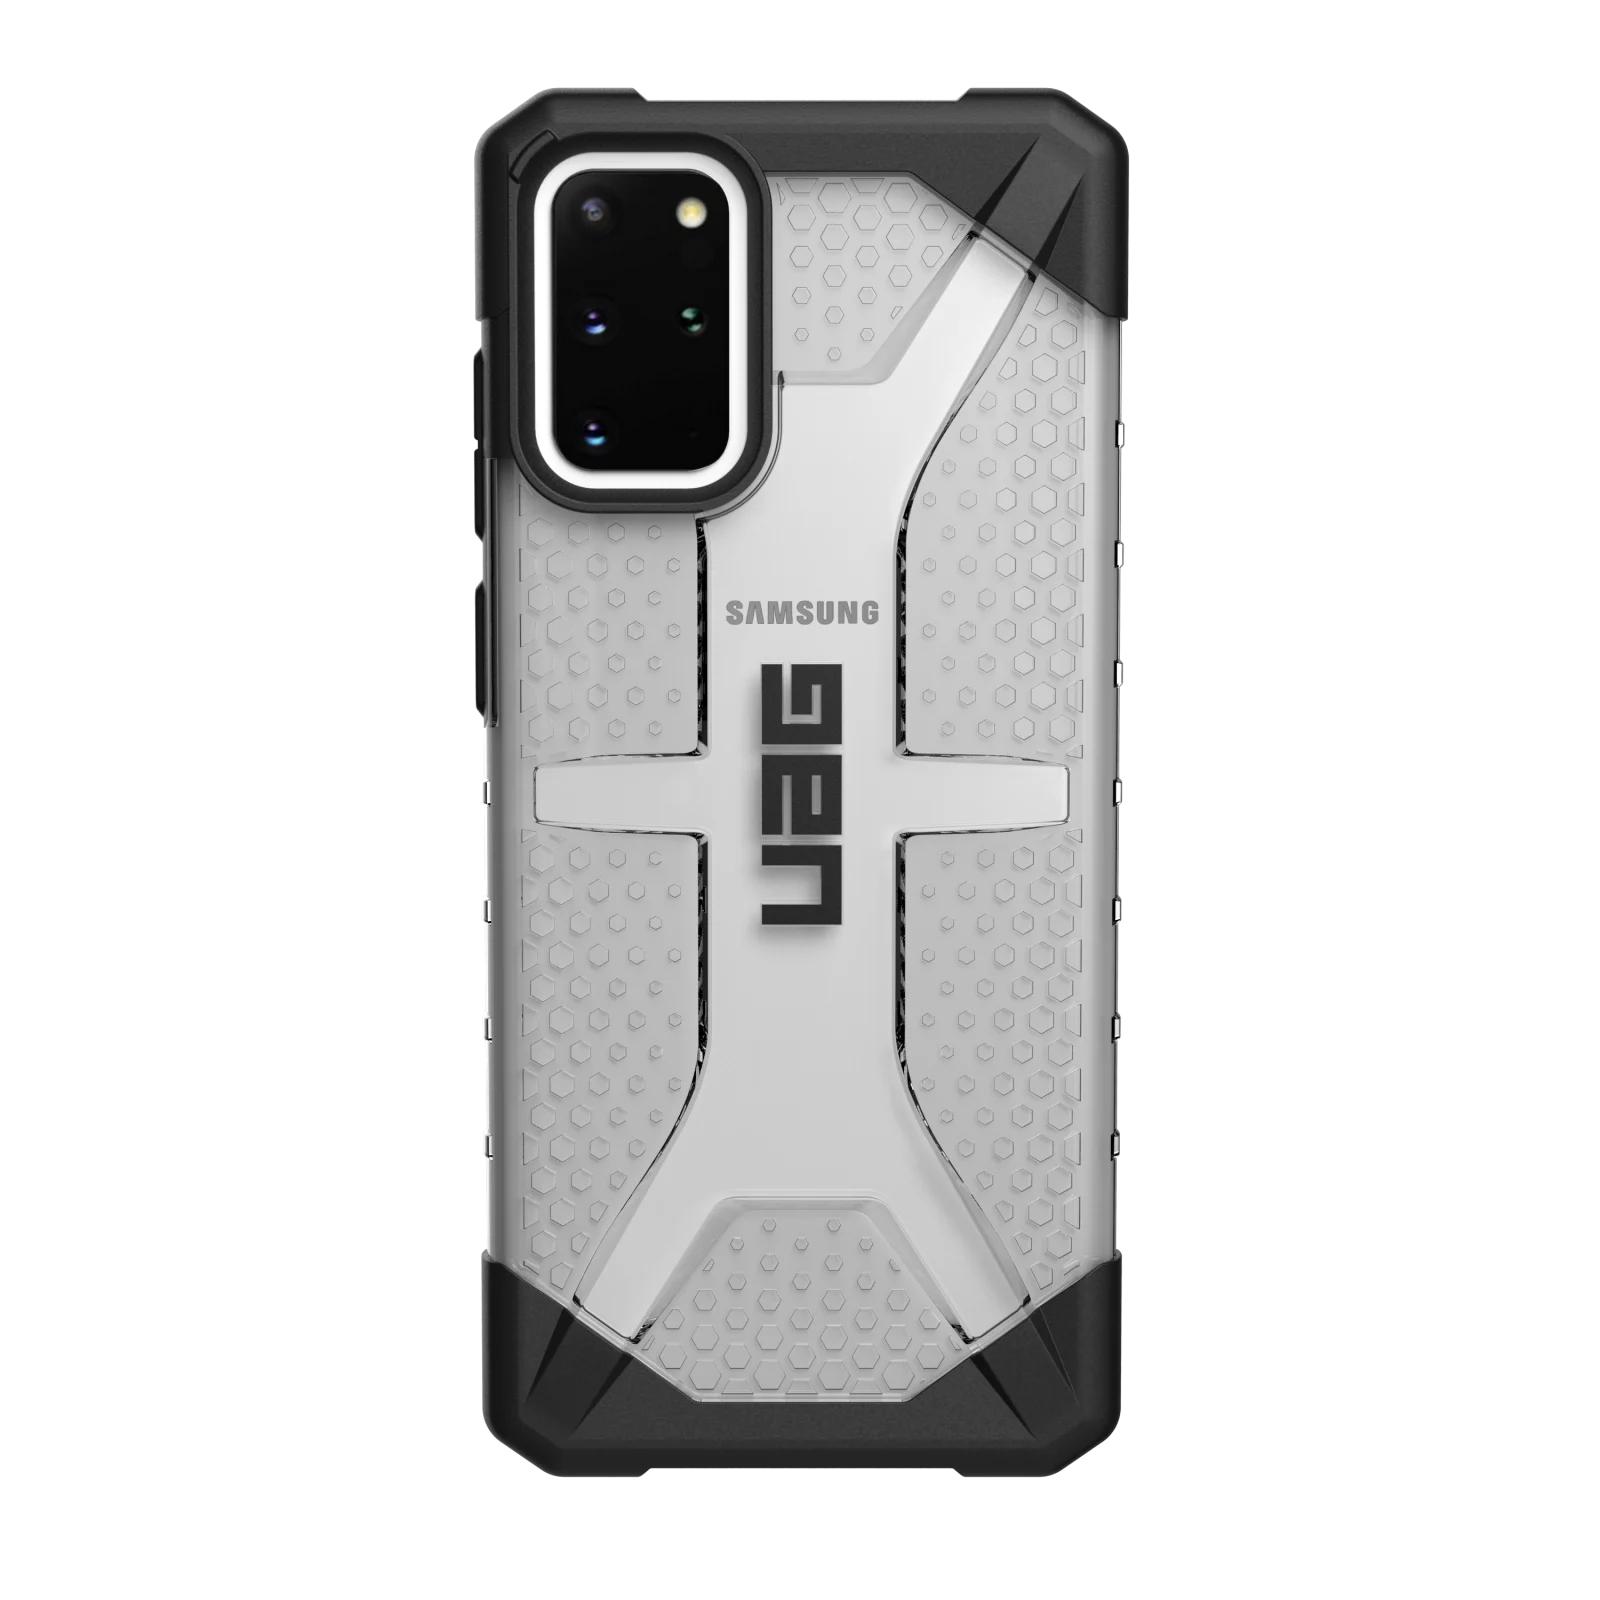 """Urban Armor Gear PLASMA SERIES funda para teléfono móvil 17 cm (6.7"""") Negro, Gris, Transparente"""